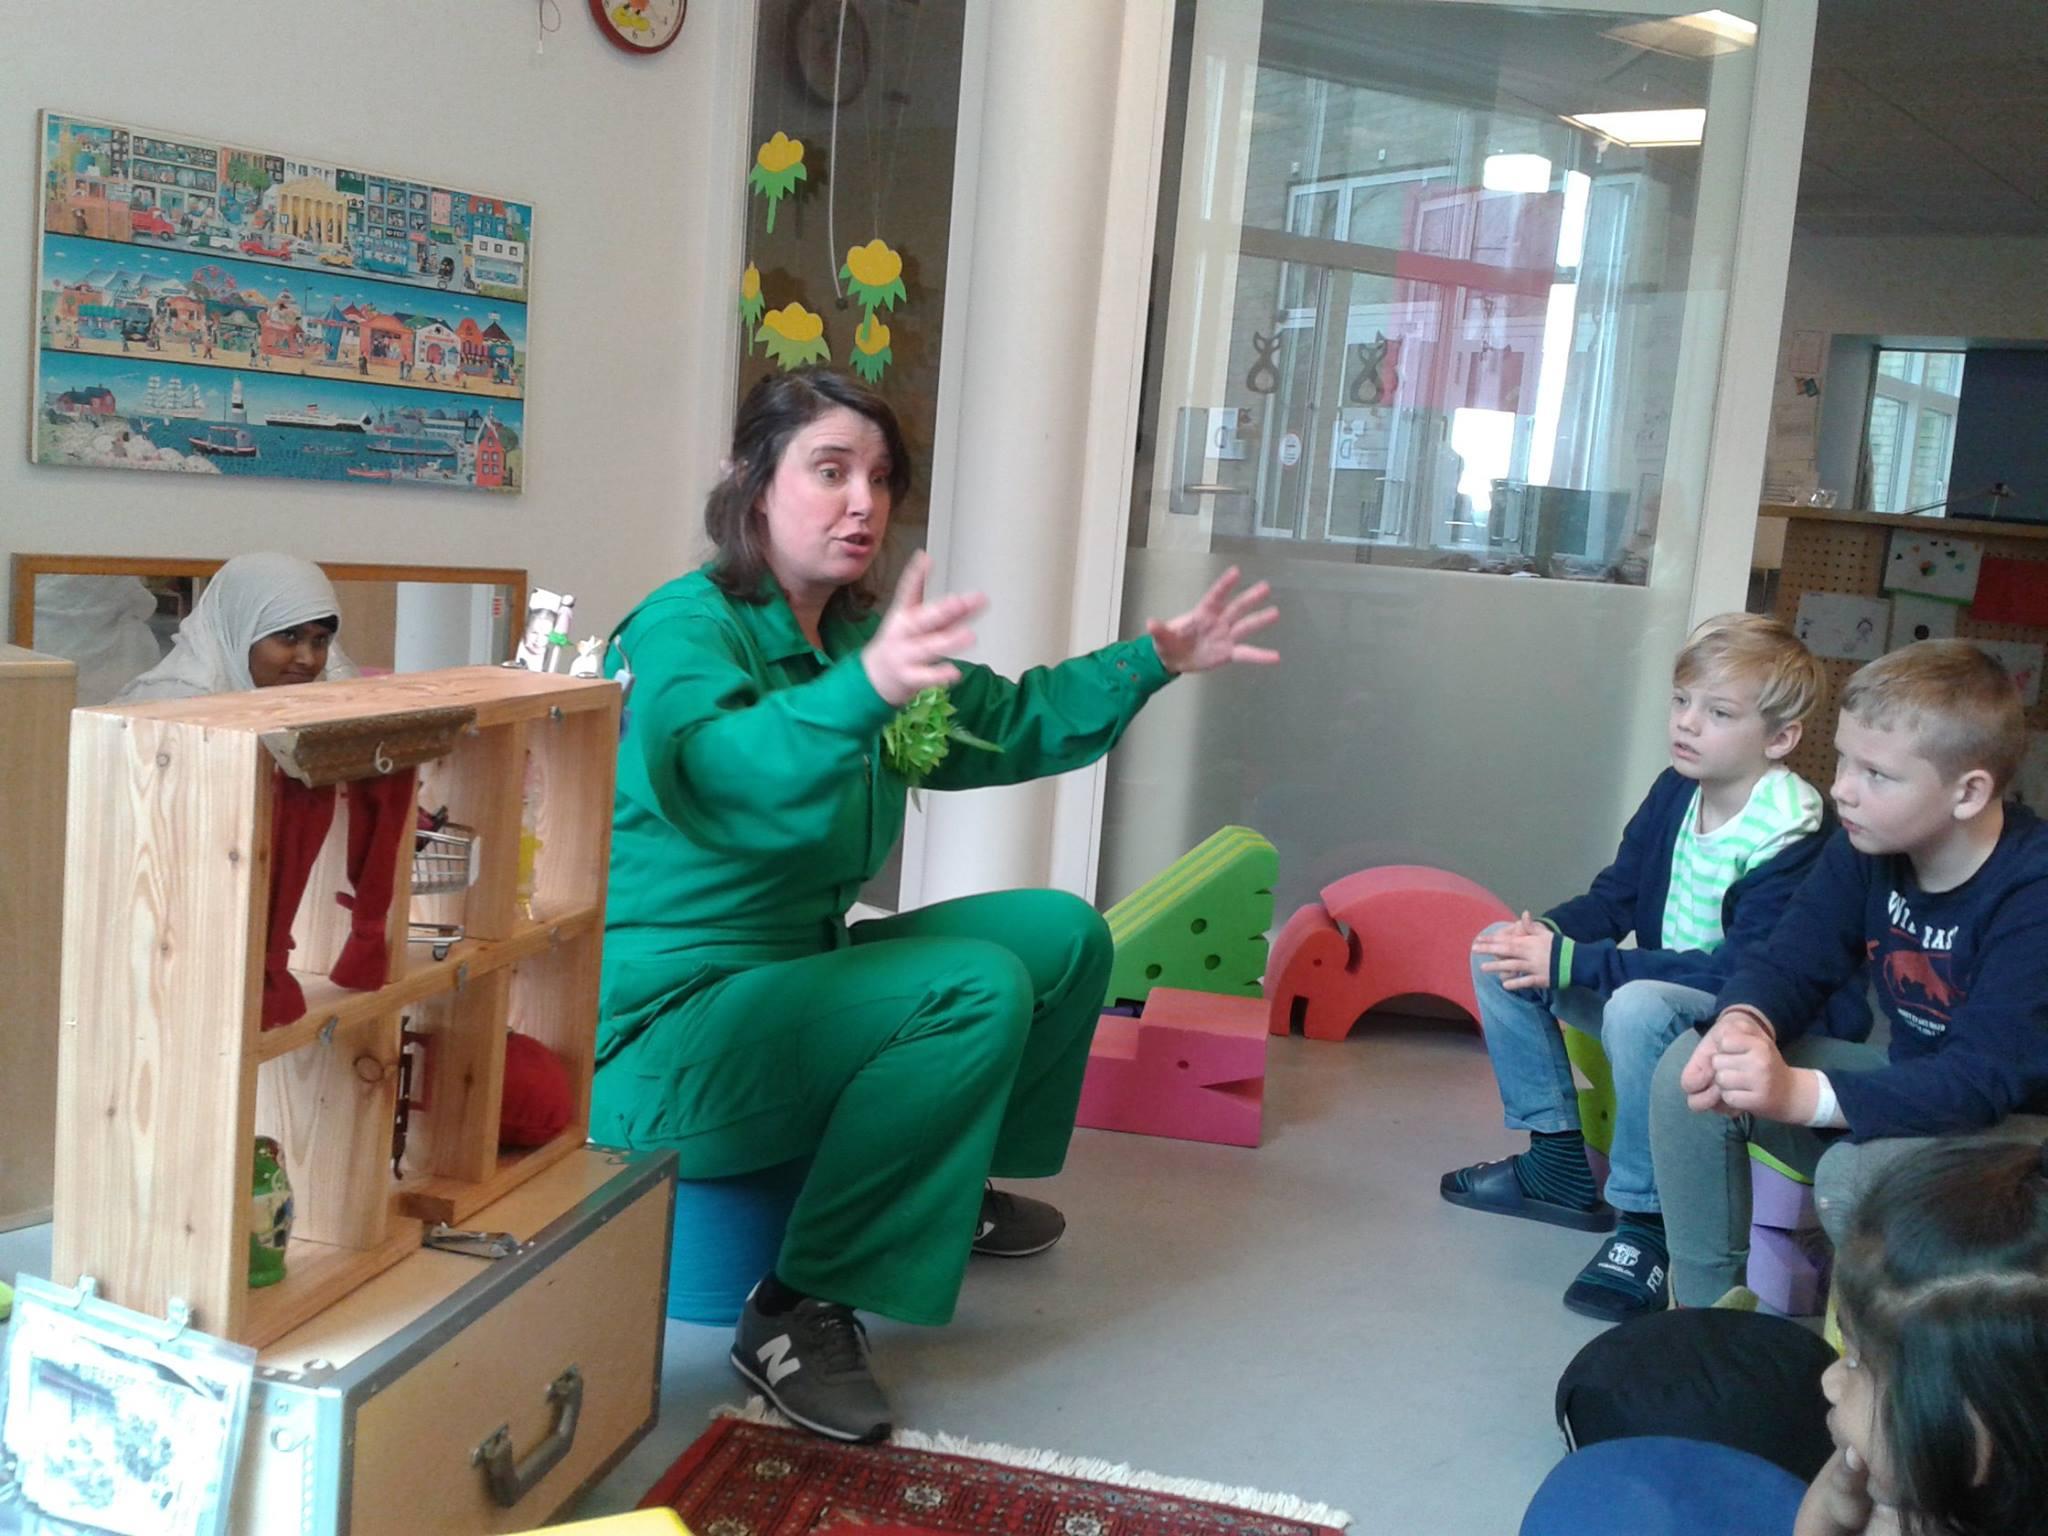 Katja's Fortælleshow - Fortællefiguren Katja har turneret på de danske sygehuse, børnepsykiatriske afdelinger og i daginstitutioner med billedkunst og fortælleshow 2011-2014